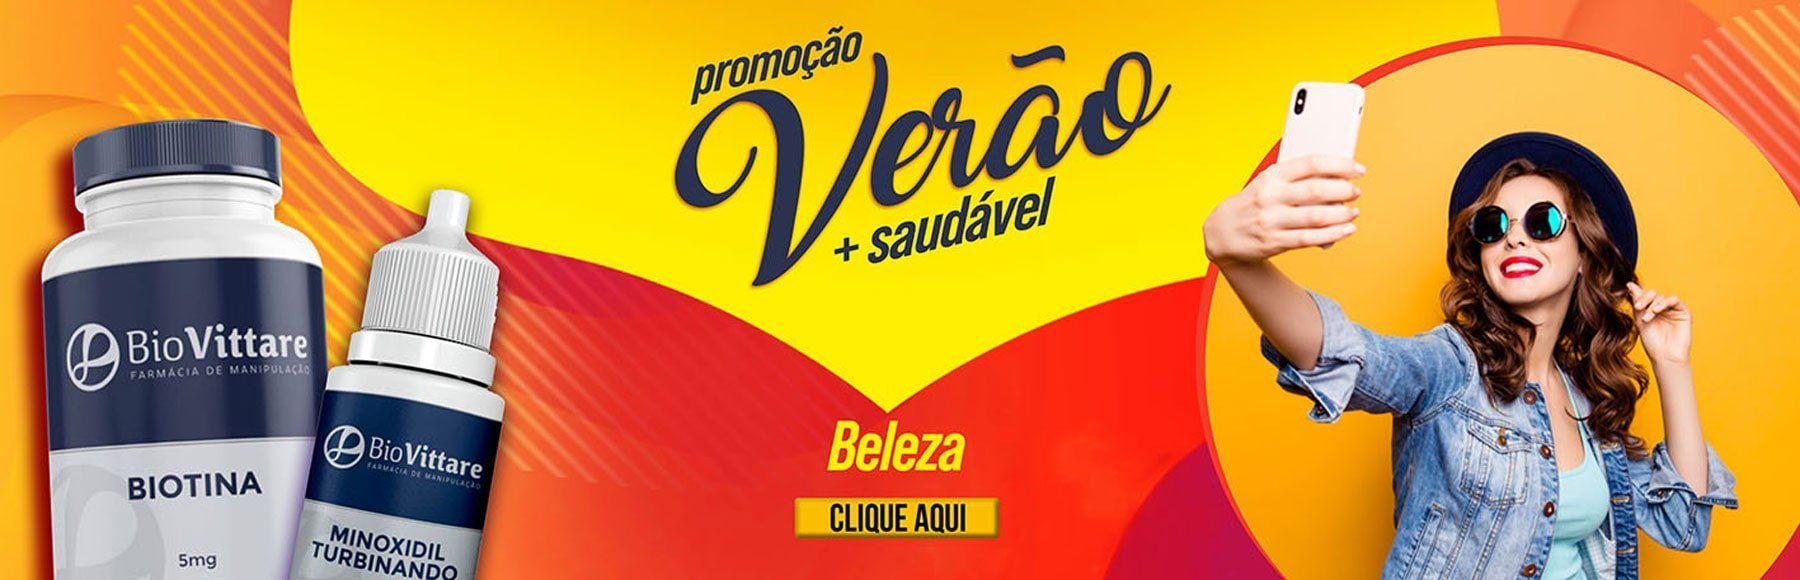 Banner Beleza Verao